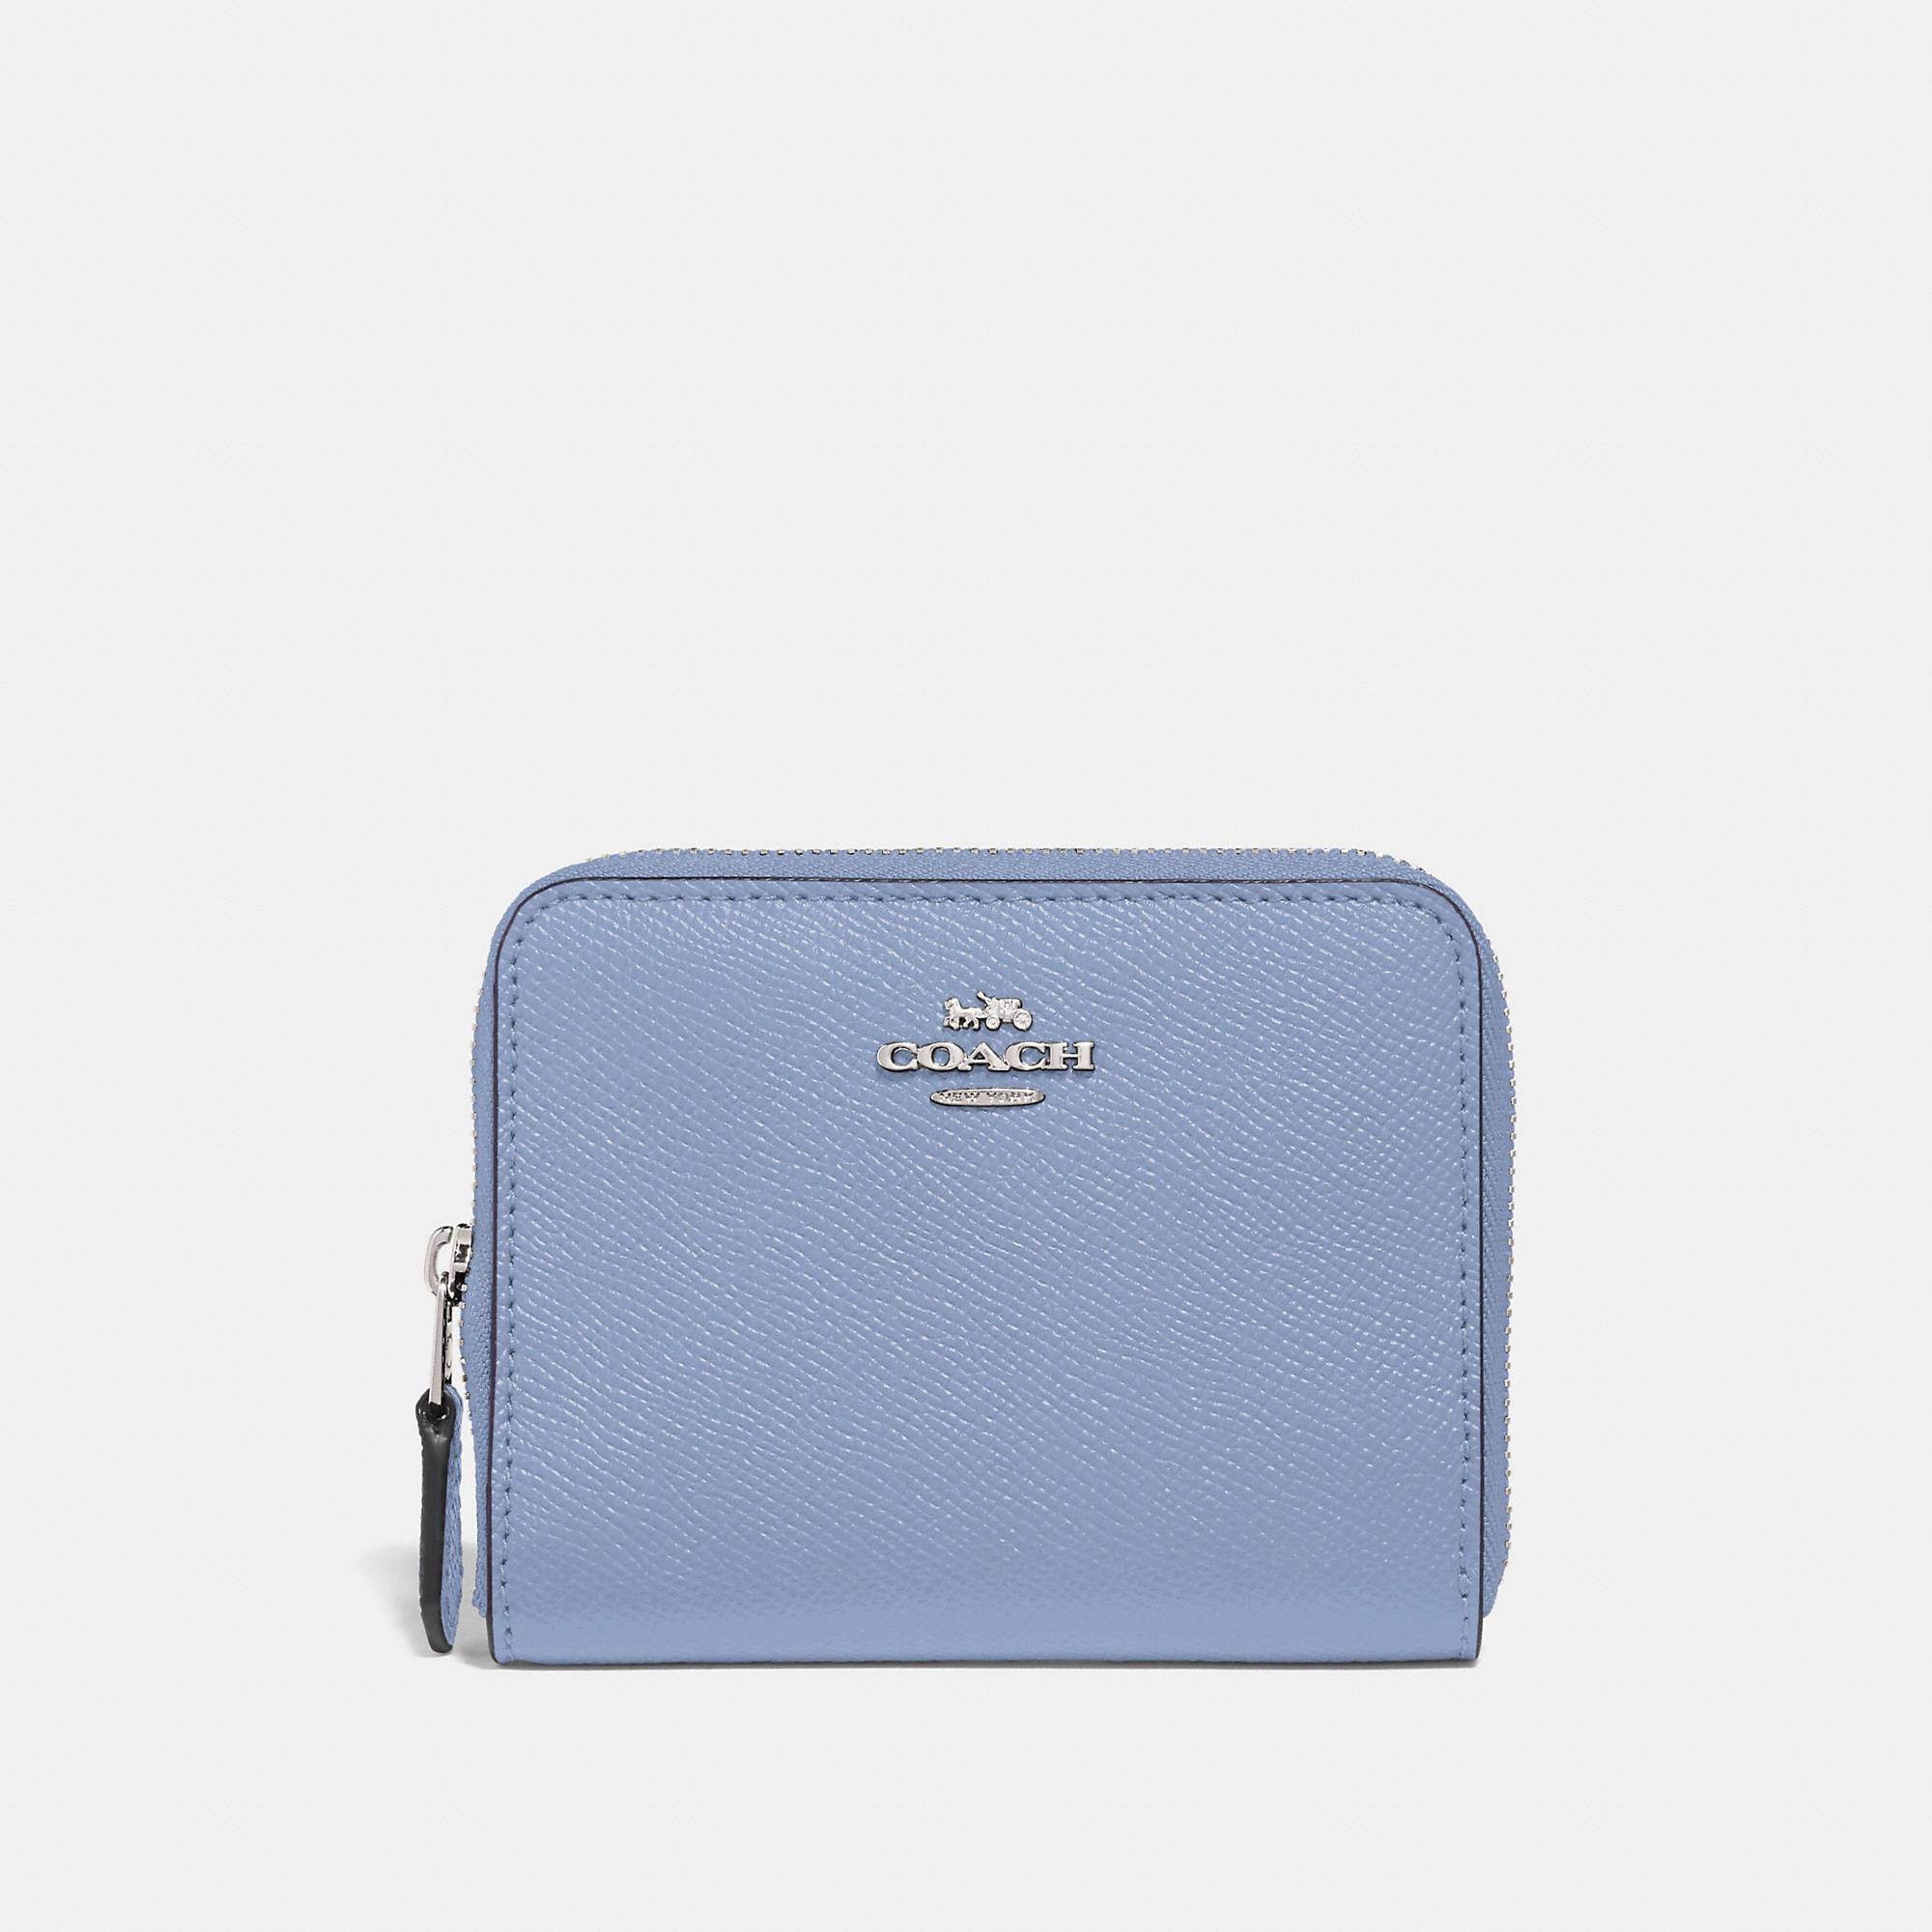 Coach Small Zip Around Wallet In Silver Mist Modesens Zip Around Wallet Wallets For Women Cute Wallets